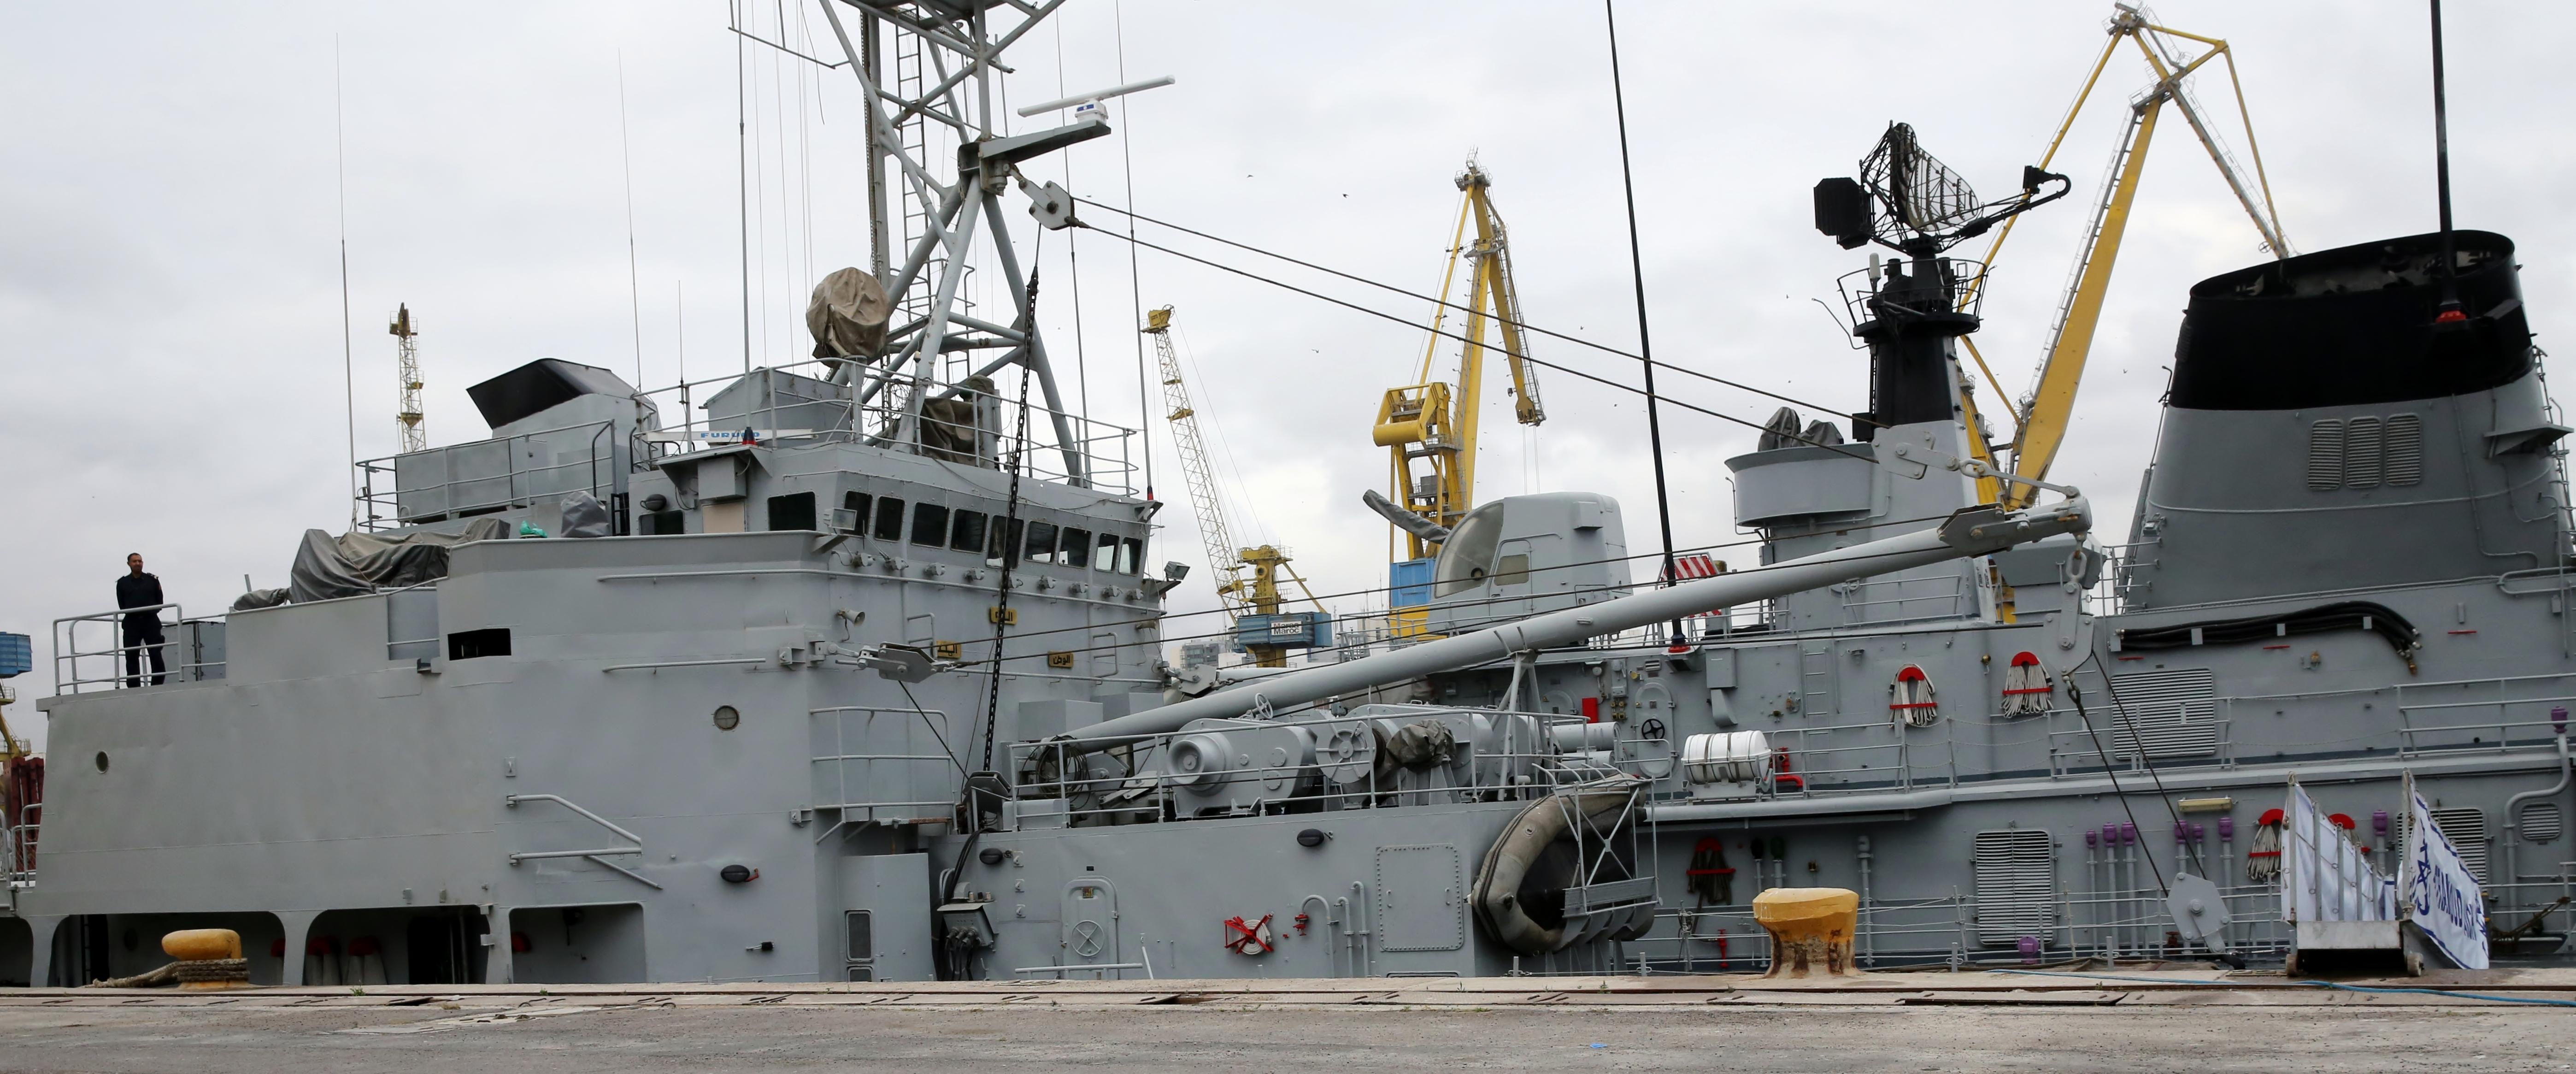 Royal Moroccan Navy Batral LST Class / Batral marocains classe Daoud Ben Aïcha - Page 4 32839716486_edc9d20ea1_o